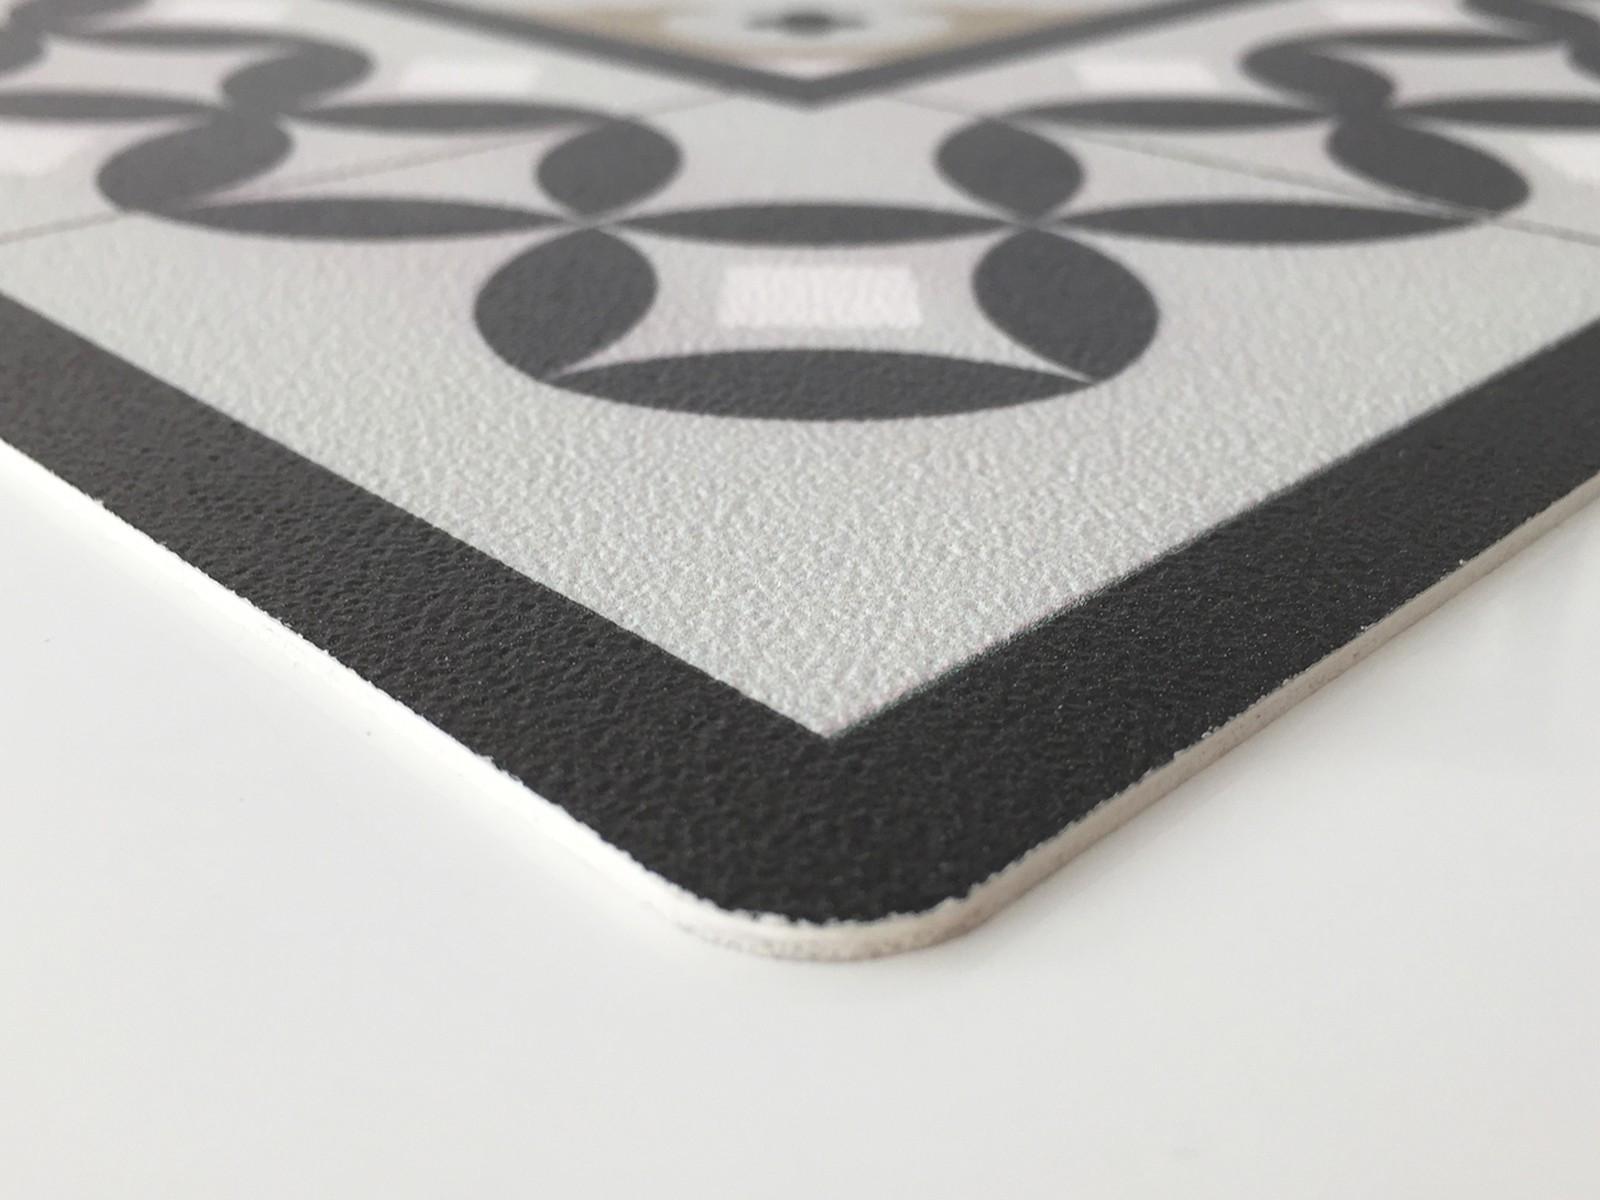 tapis vinyle carreaux de ciment thermidor. Black Bedroom Furniture Sets. Home Design Ideas